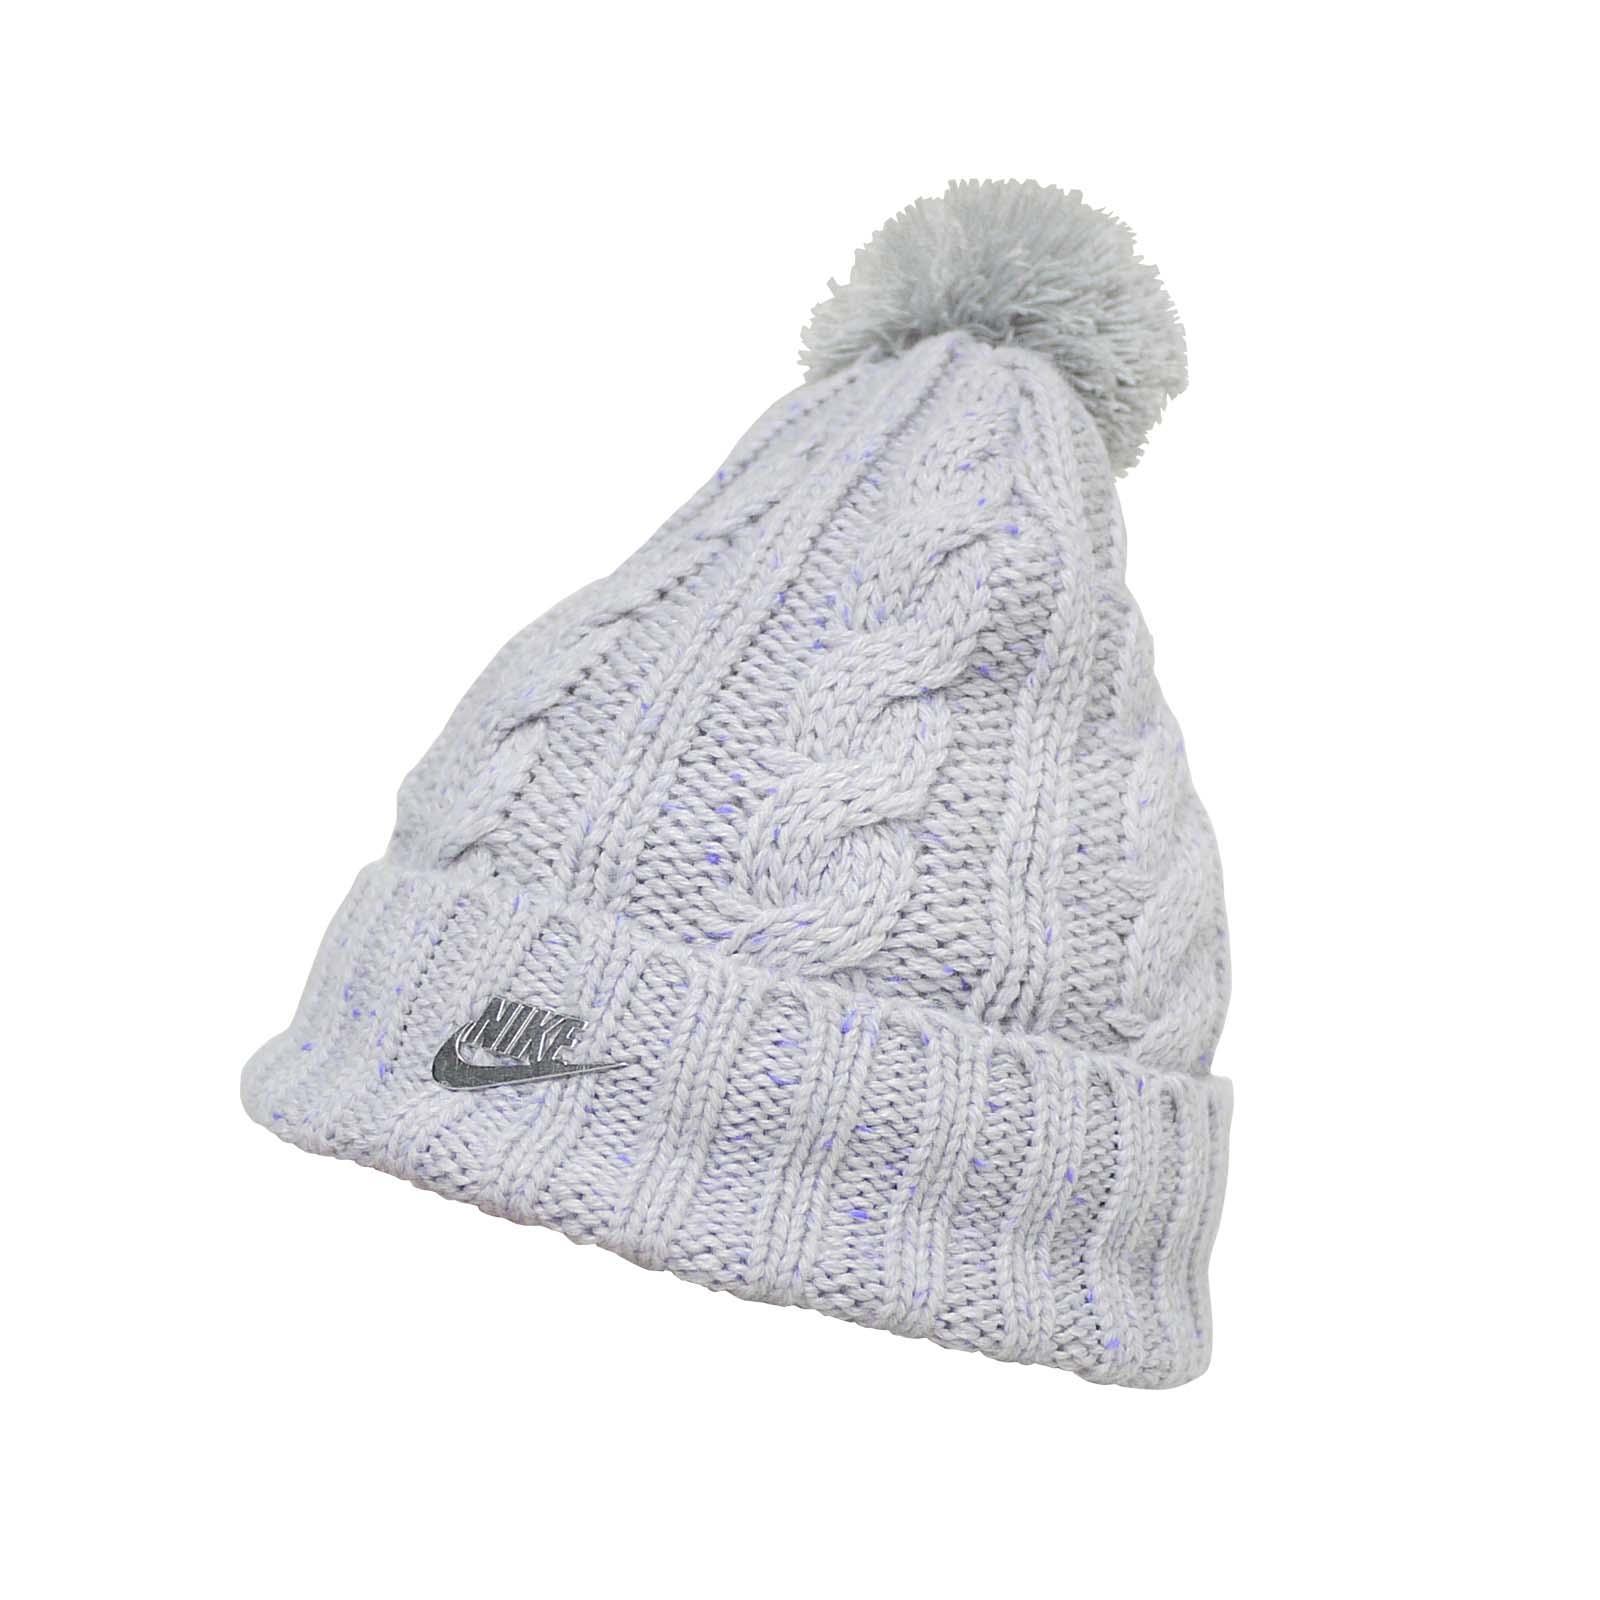 c13918faebf Nike Women Sportswear Beanie Hat Knit Wool Removable Pom NSW Grey 925422-028